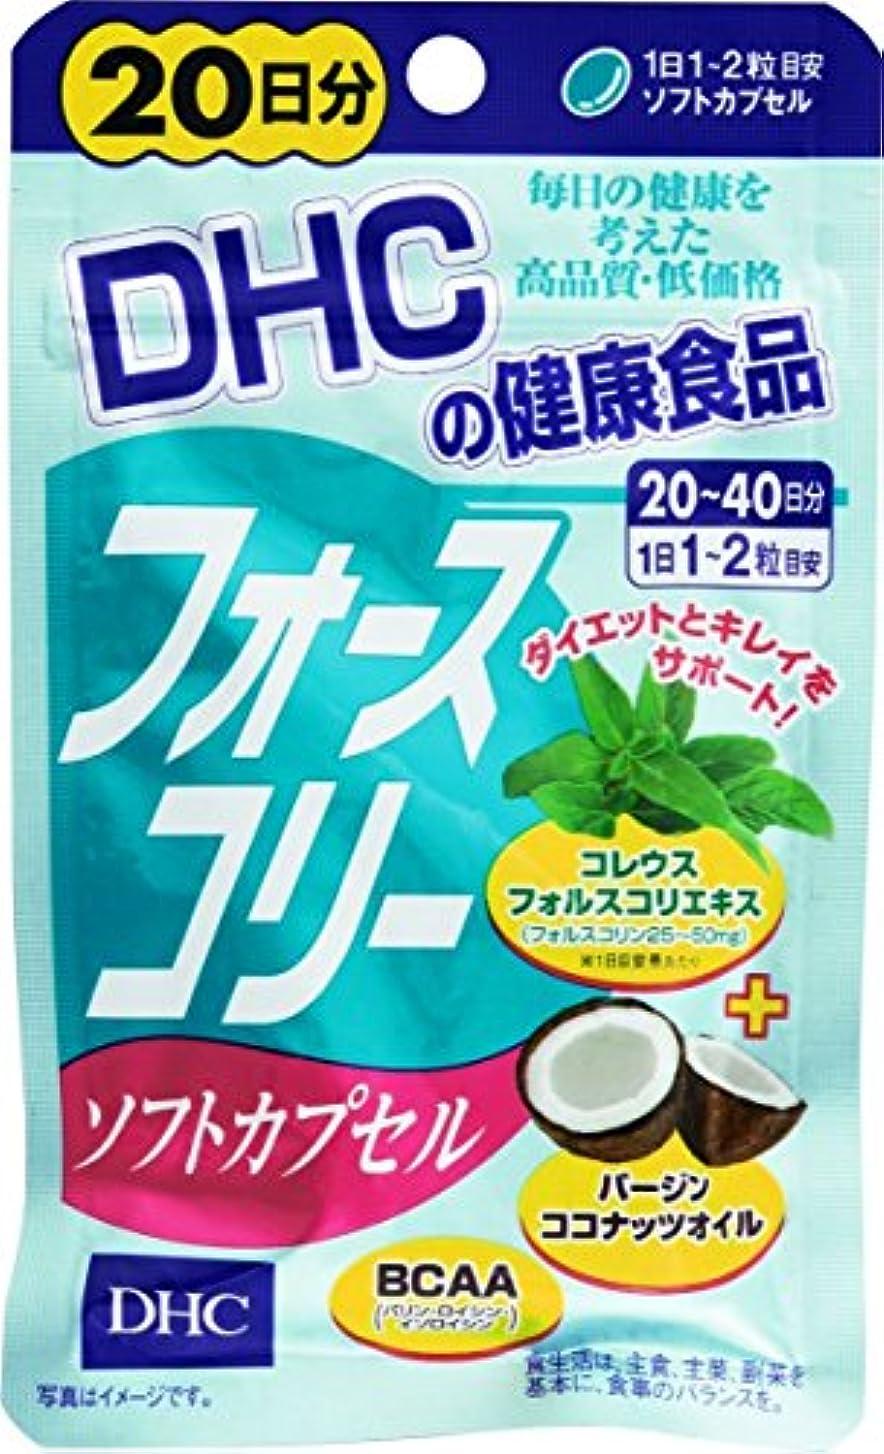 姓情熱誇りDHC フォースコリーソフトカプセル 20日分 40粒【3個セット】